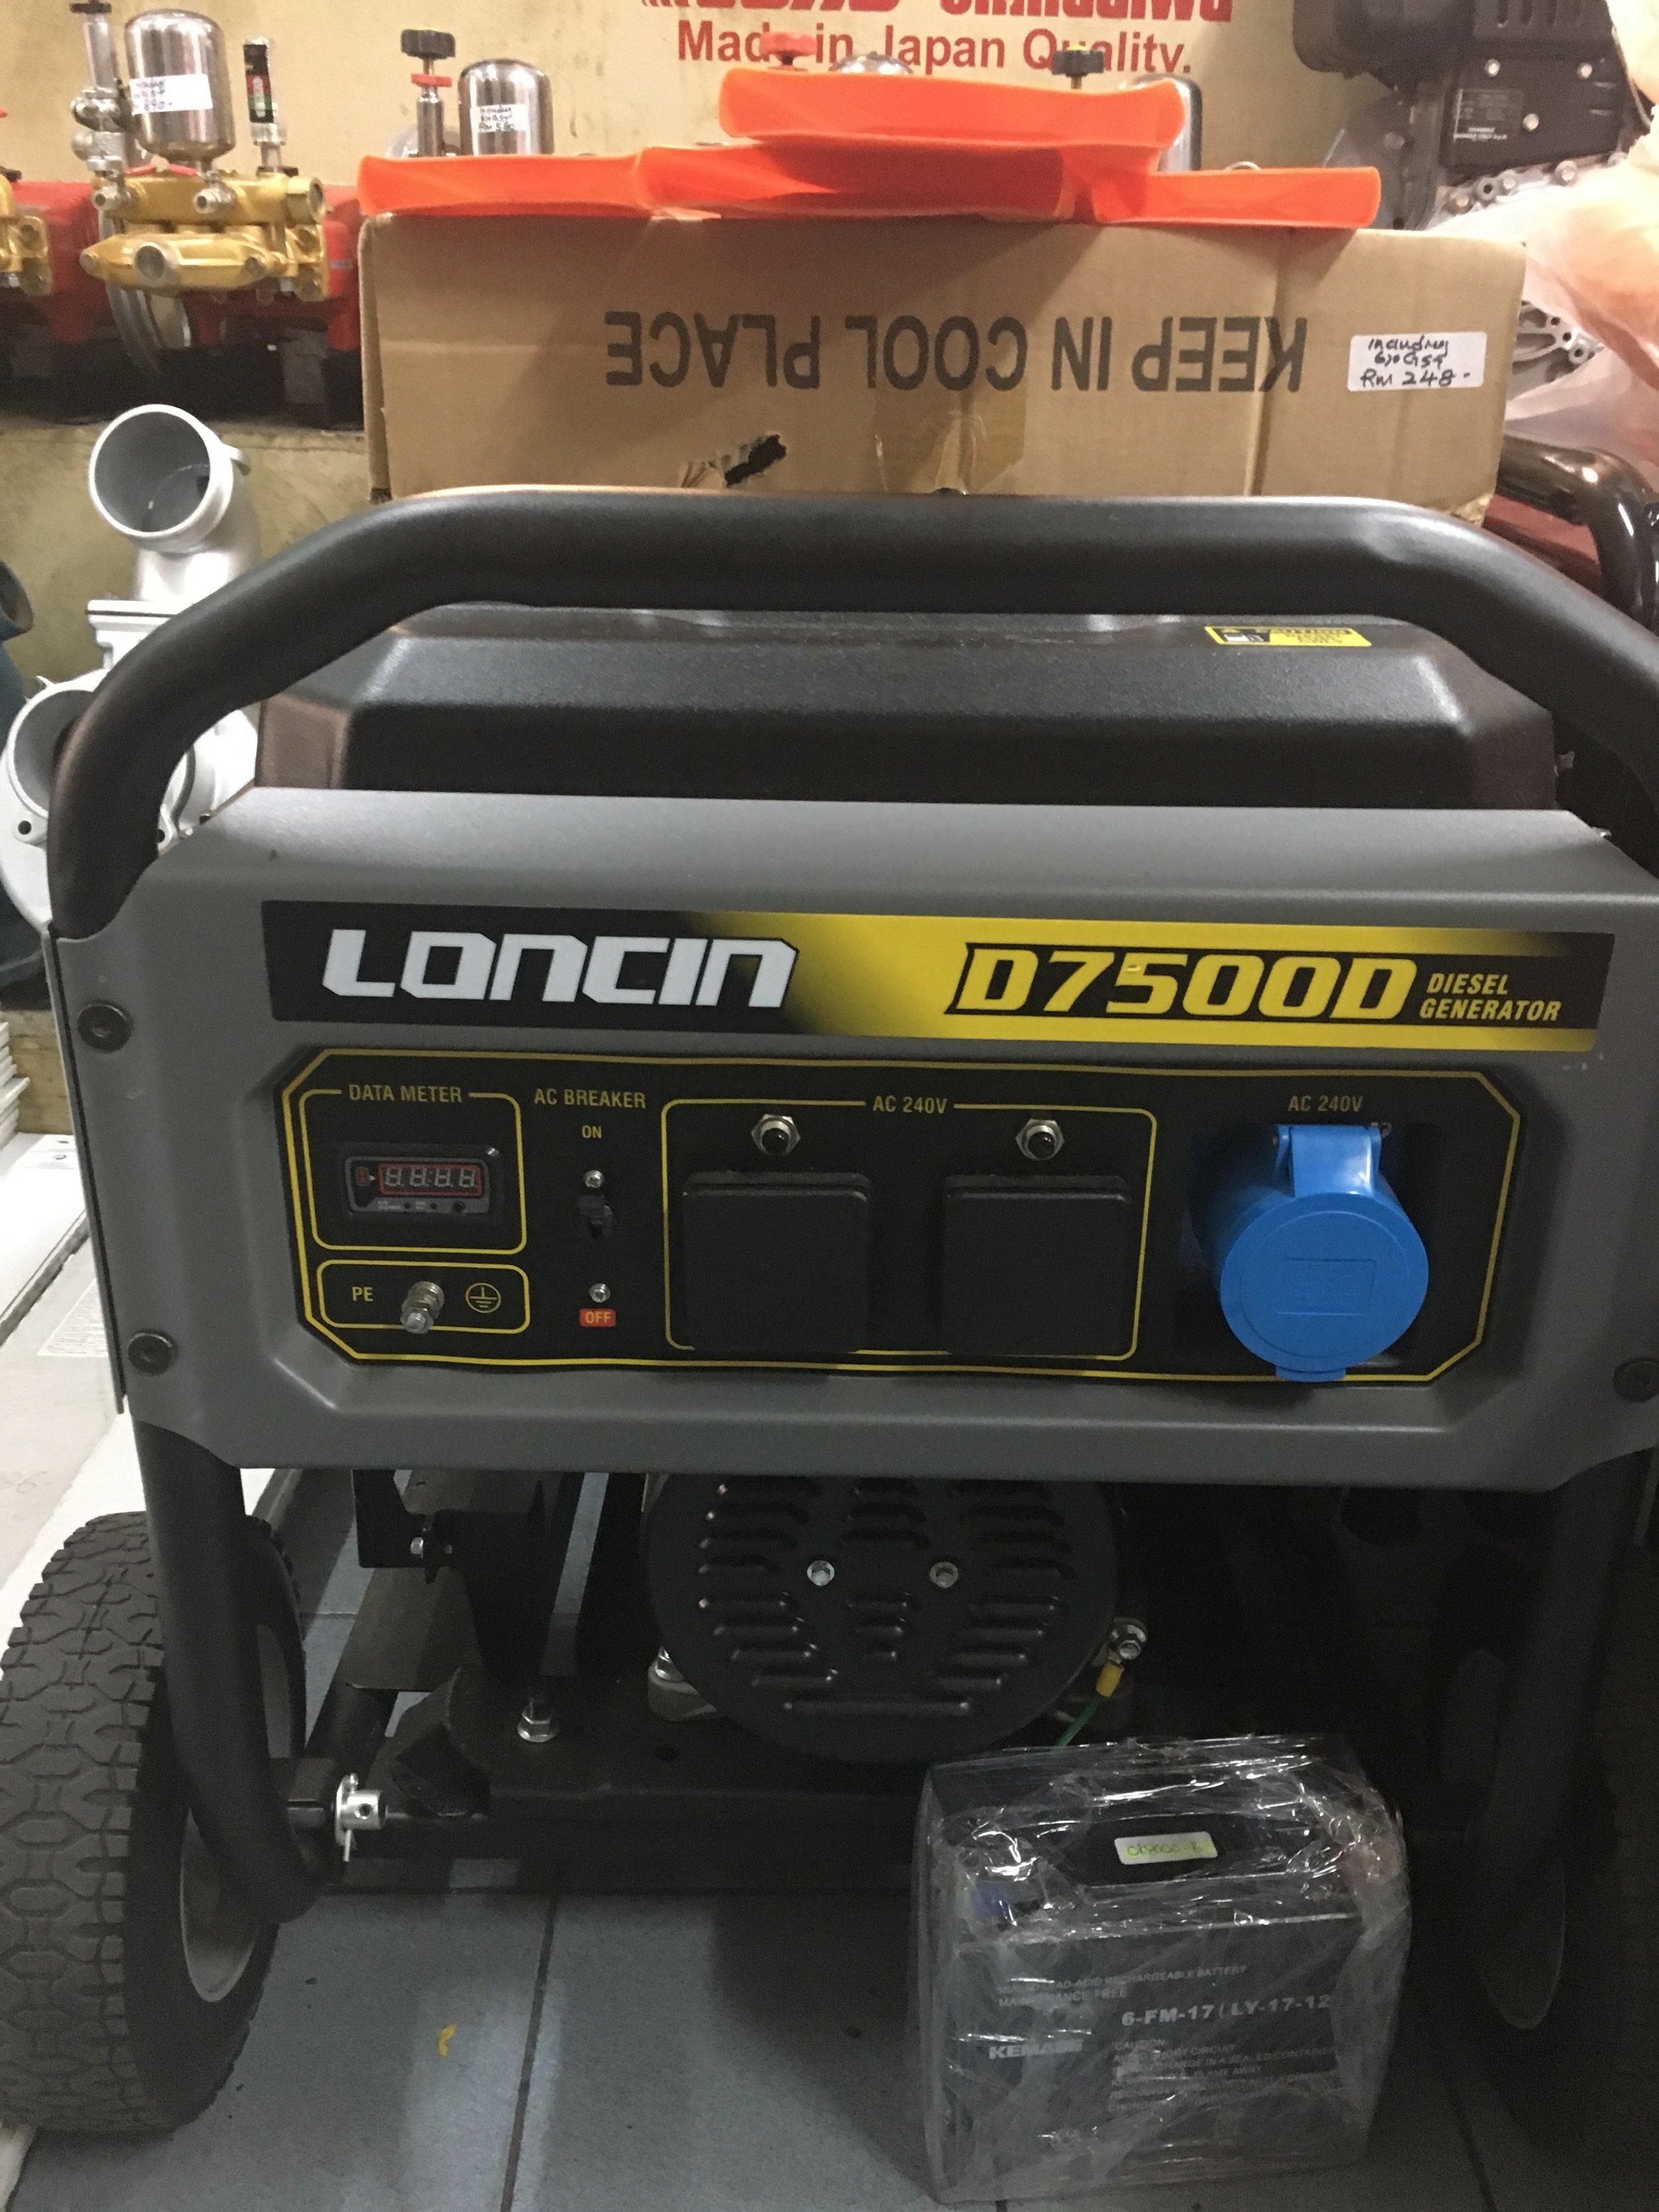 GENSET - LONCIN D7500D.JPG